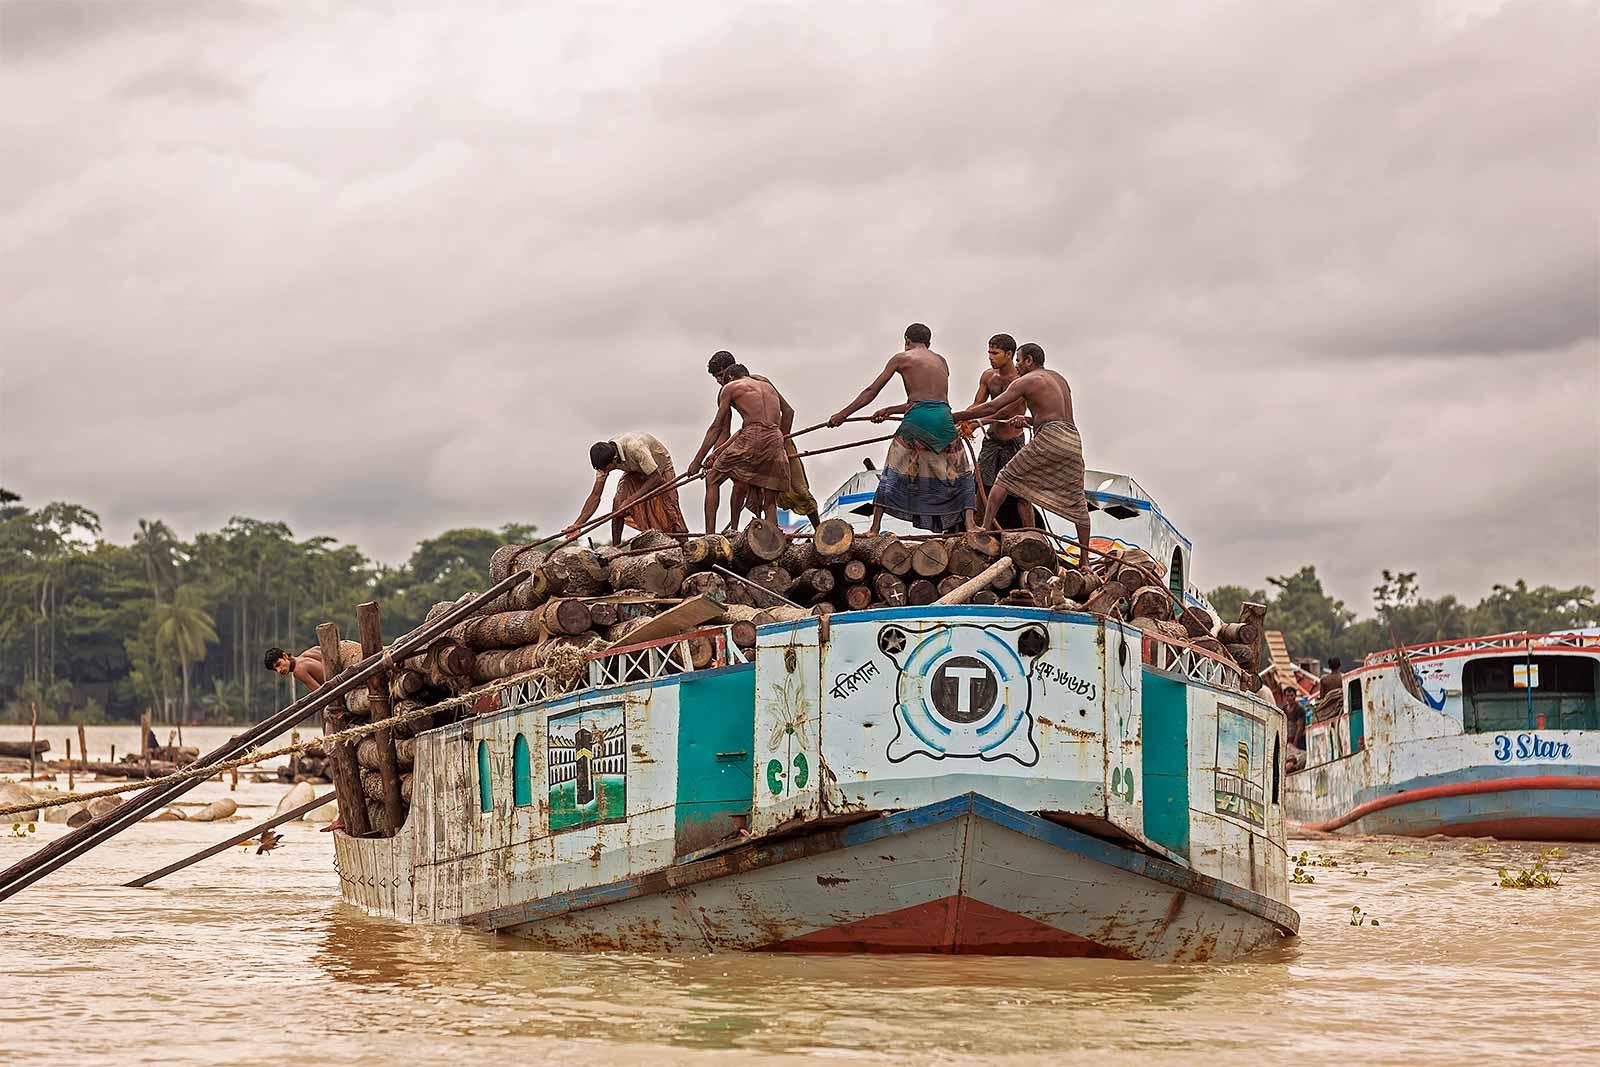 wood-market-boat-canal-swarupkathi-bangladesh-3